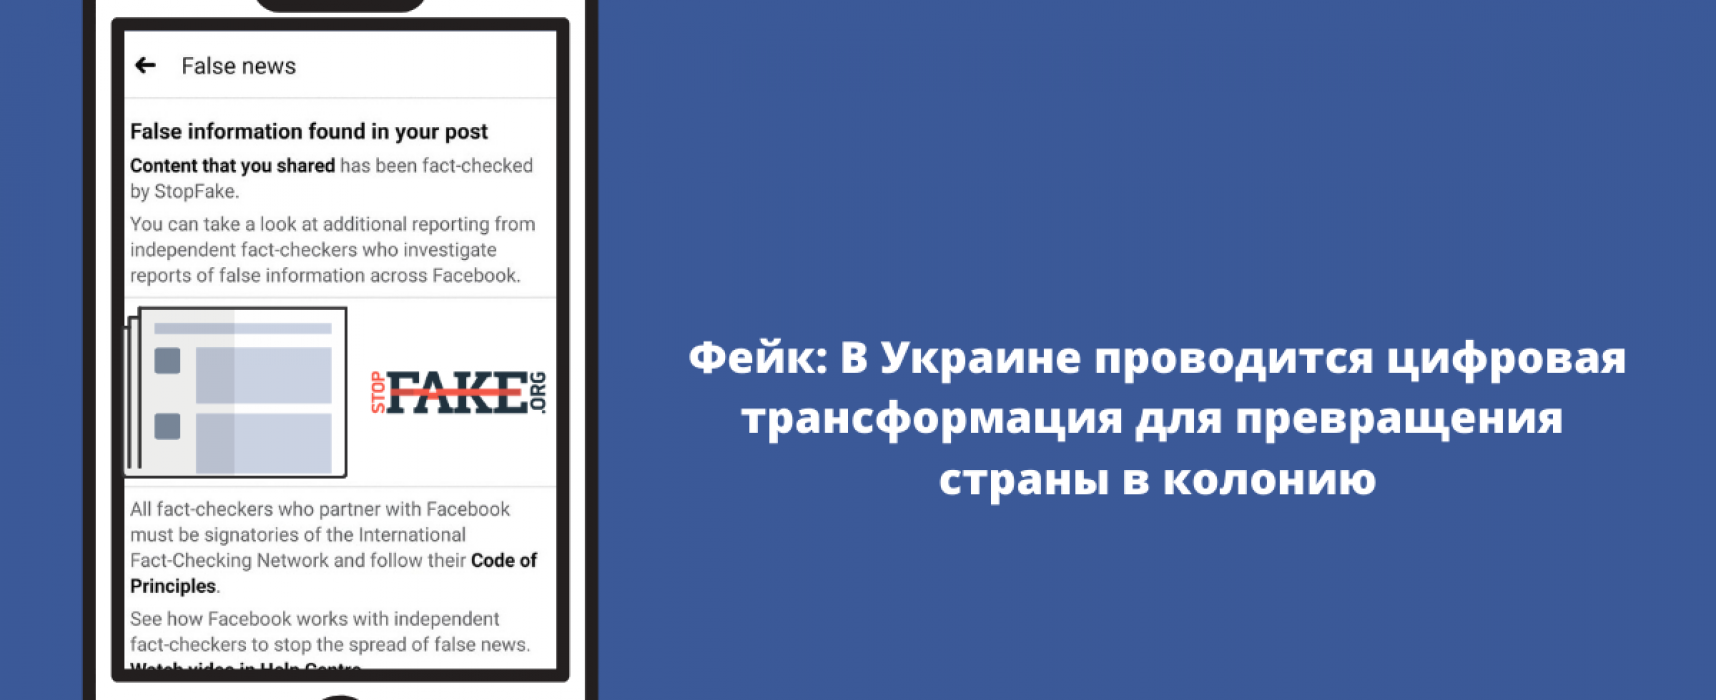 Фейк: В Украине проводится цифровая трансформация для превращения страны в колонию